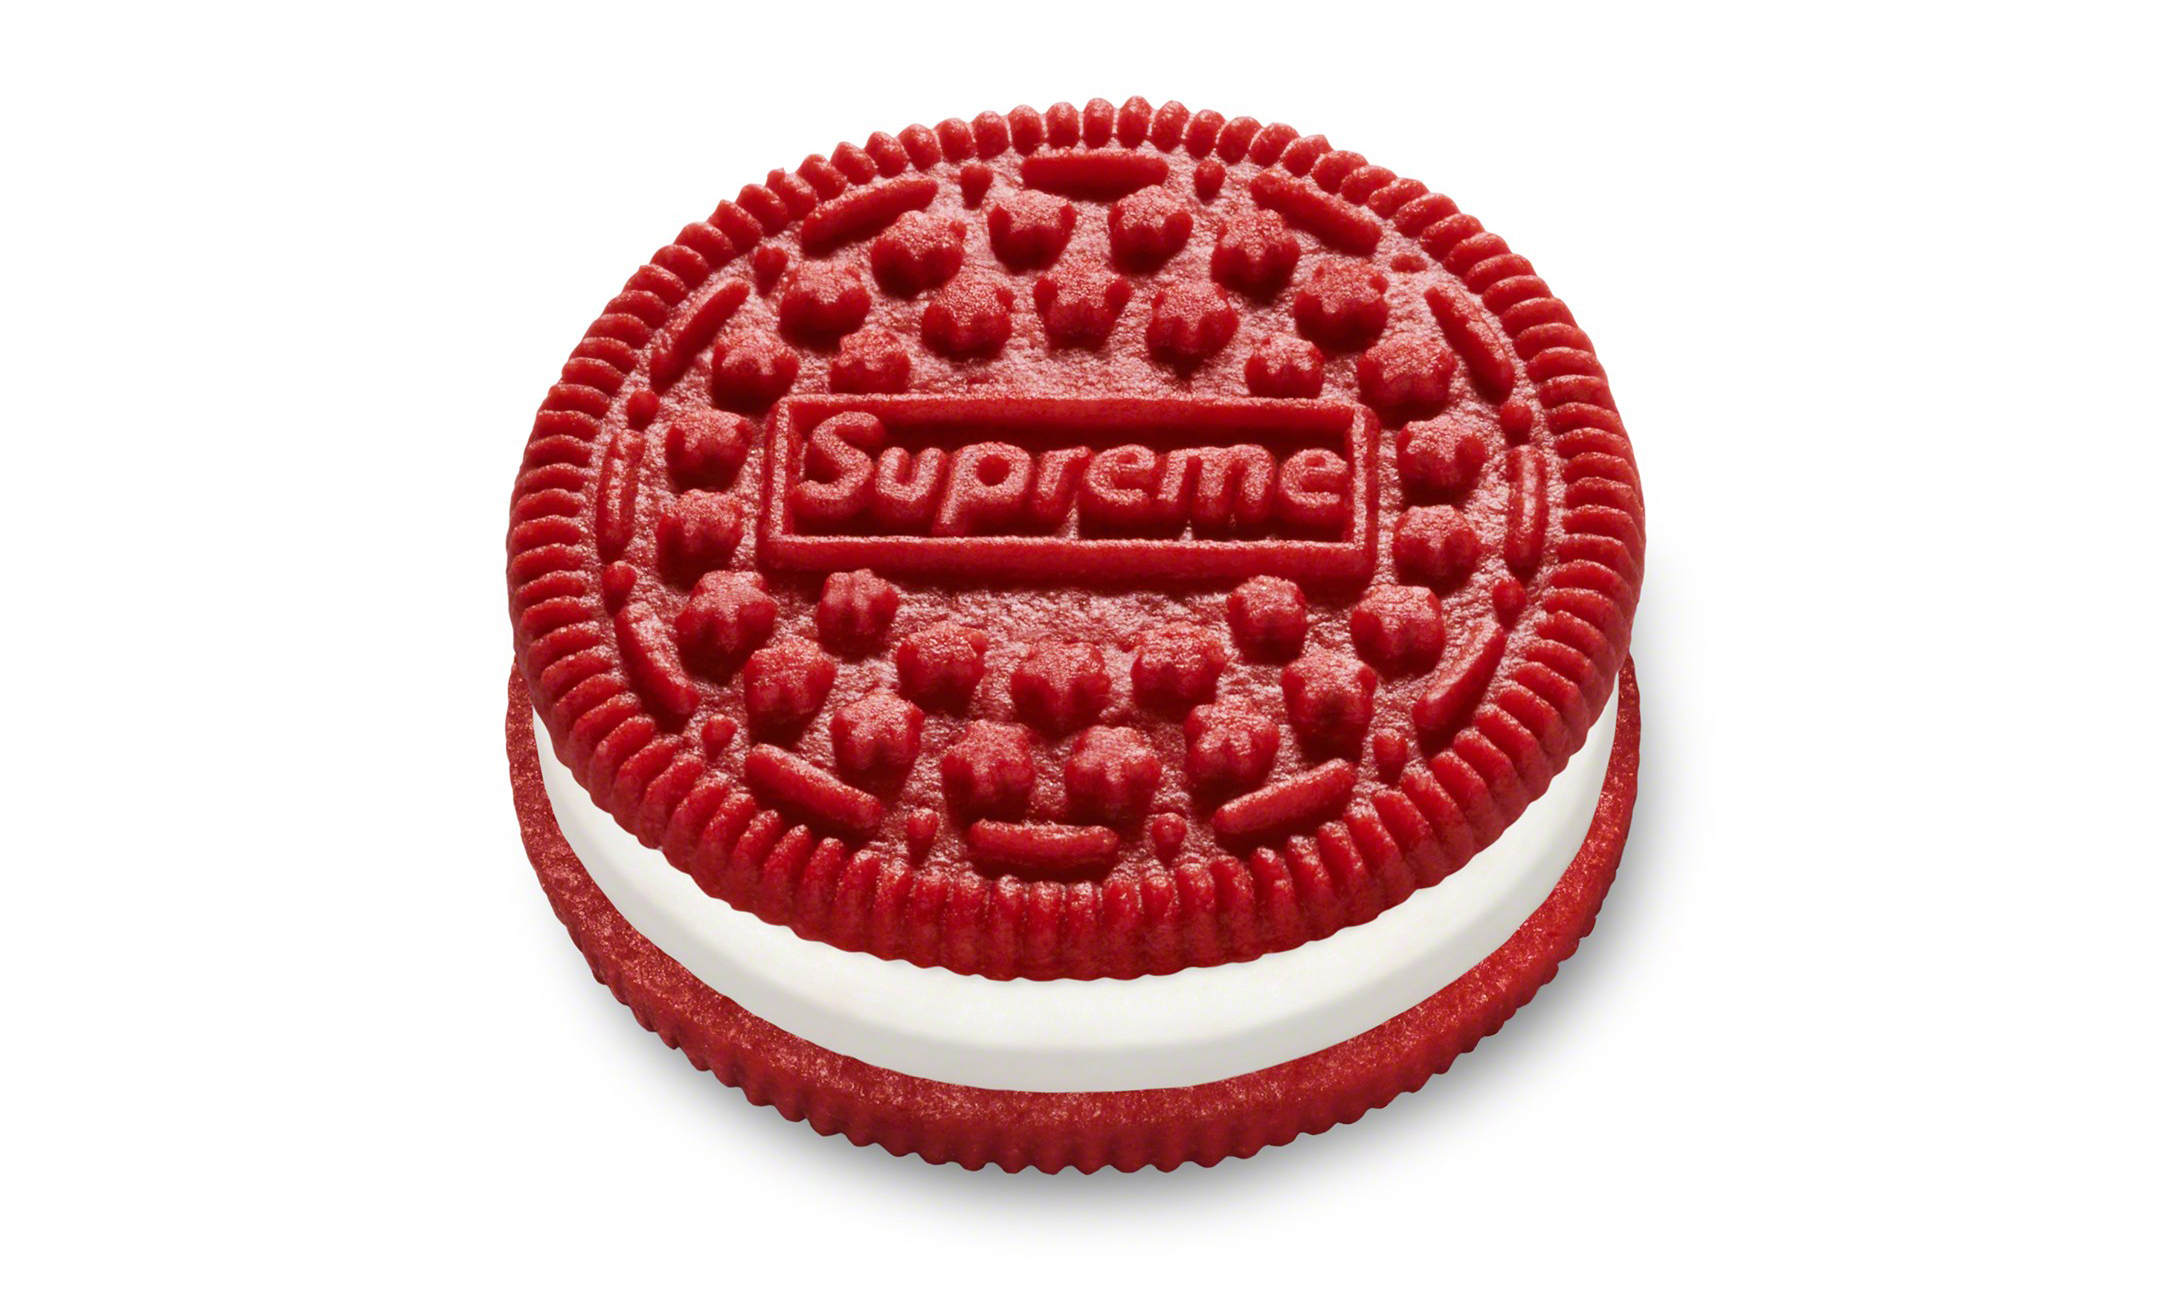 即将发售,Supreme 2020 春夏系列配件设计一览